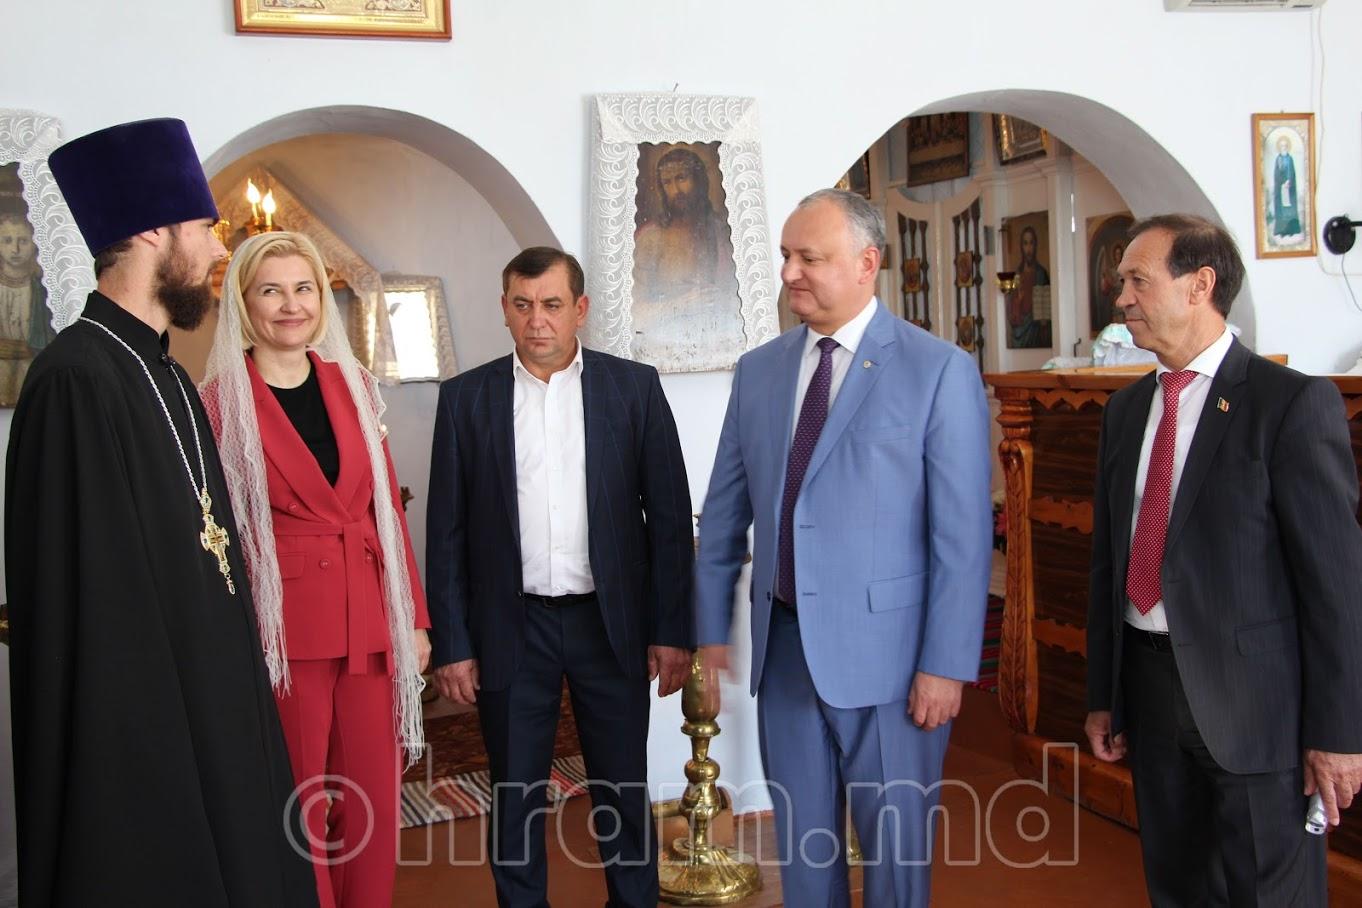 (ФОТО) Президент РМ и башкан Гагаузии посетили храм в селе Чишмикиой